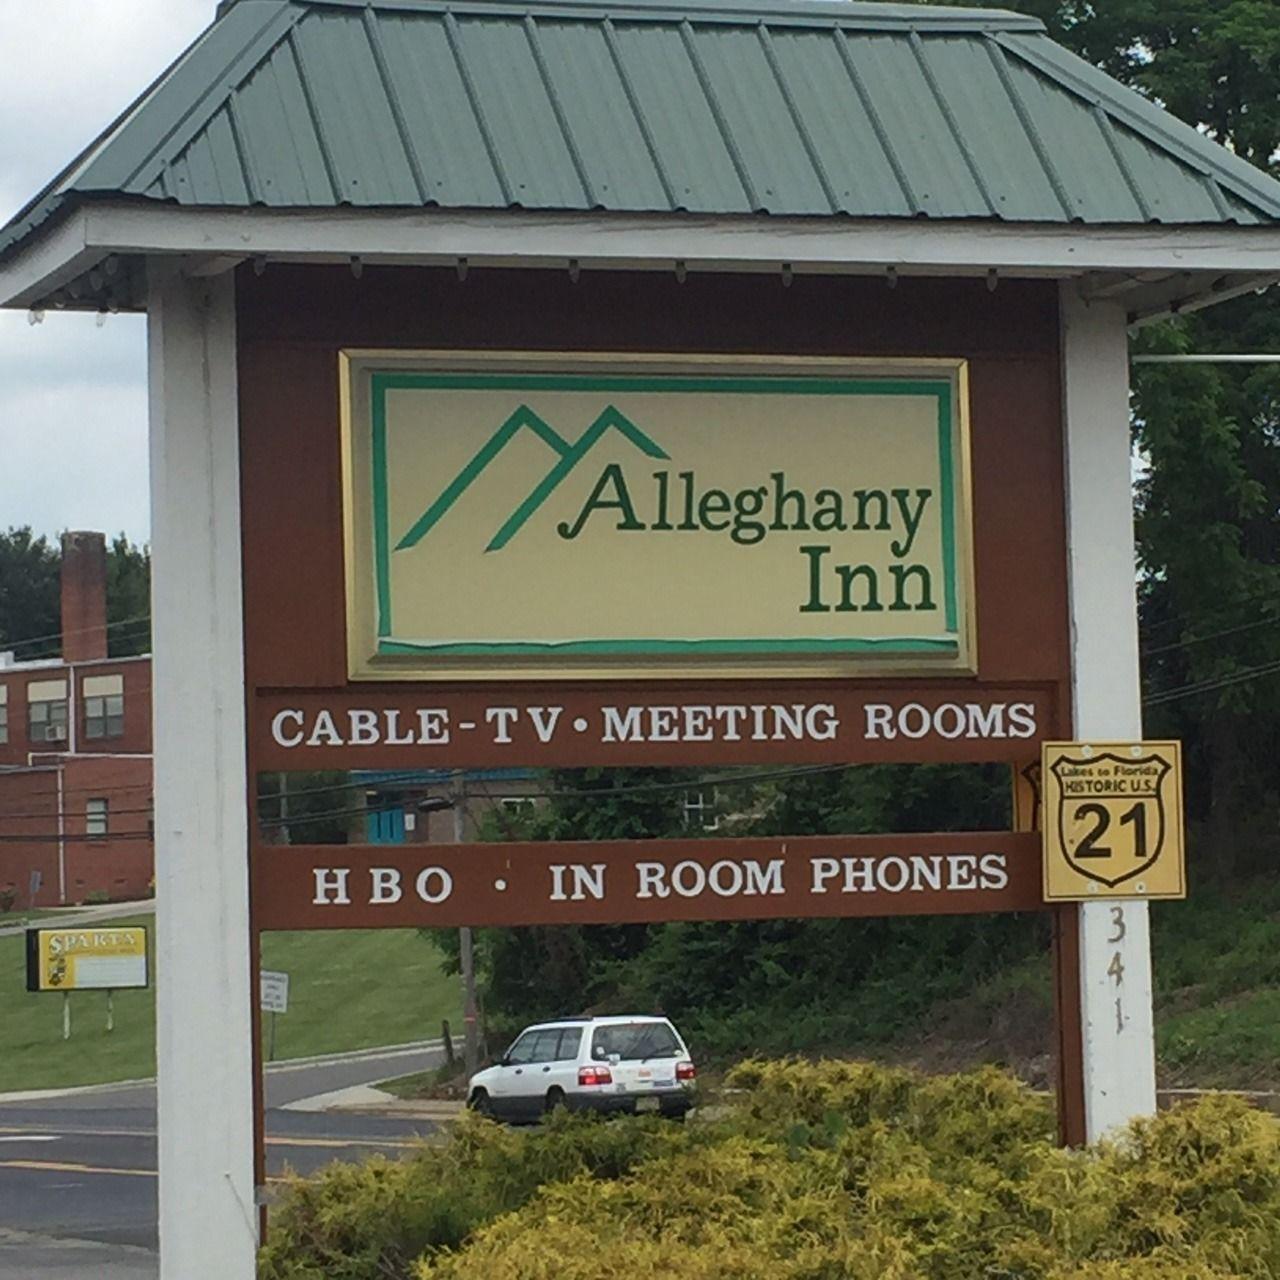 Alleghany Inn